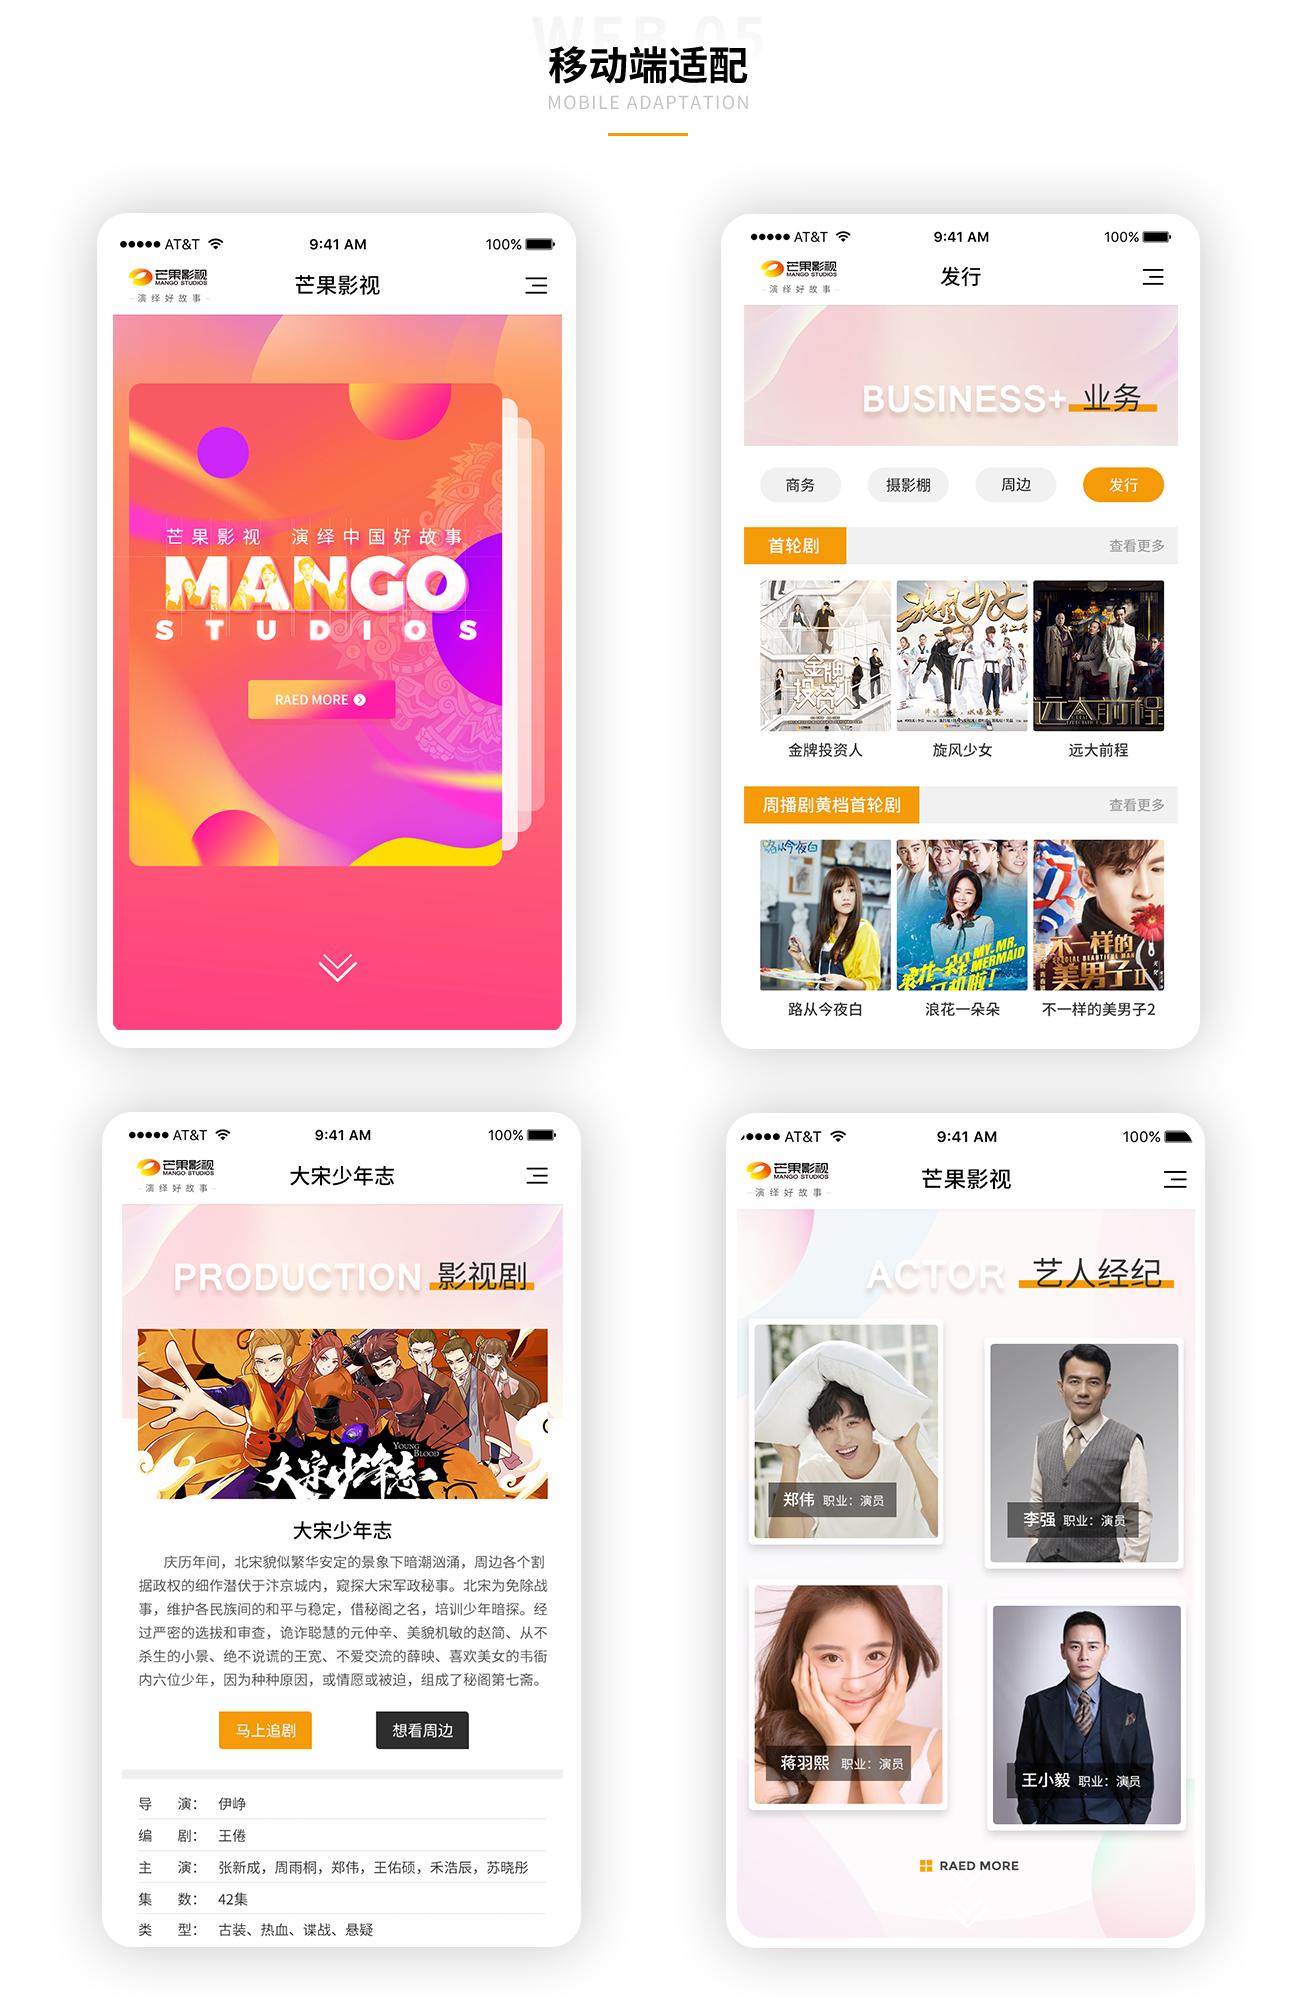 芒果影视品牌官网